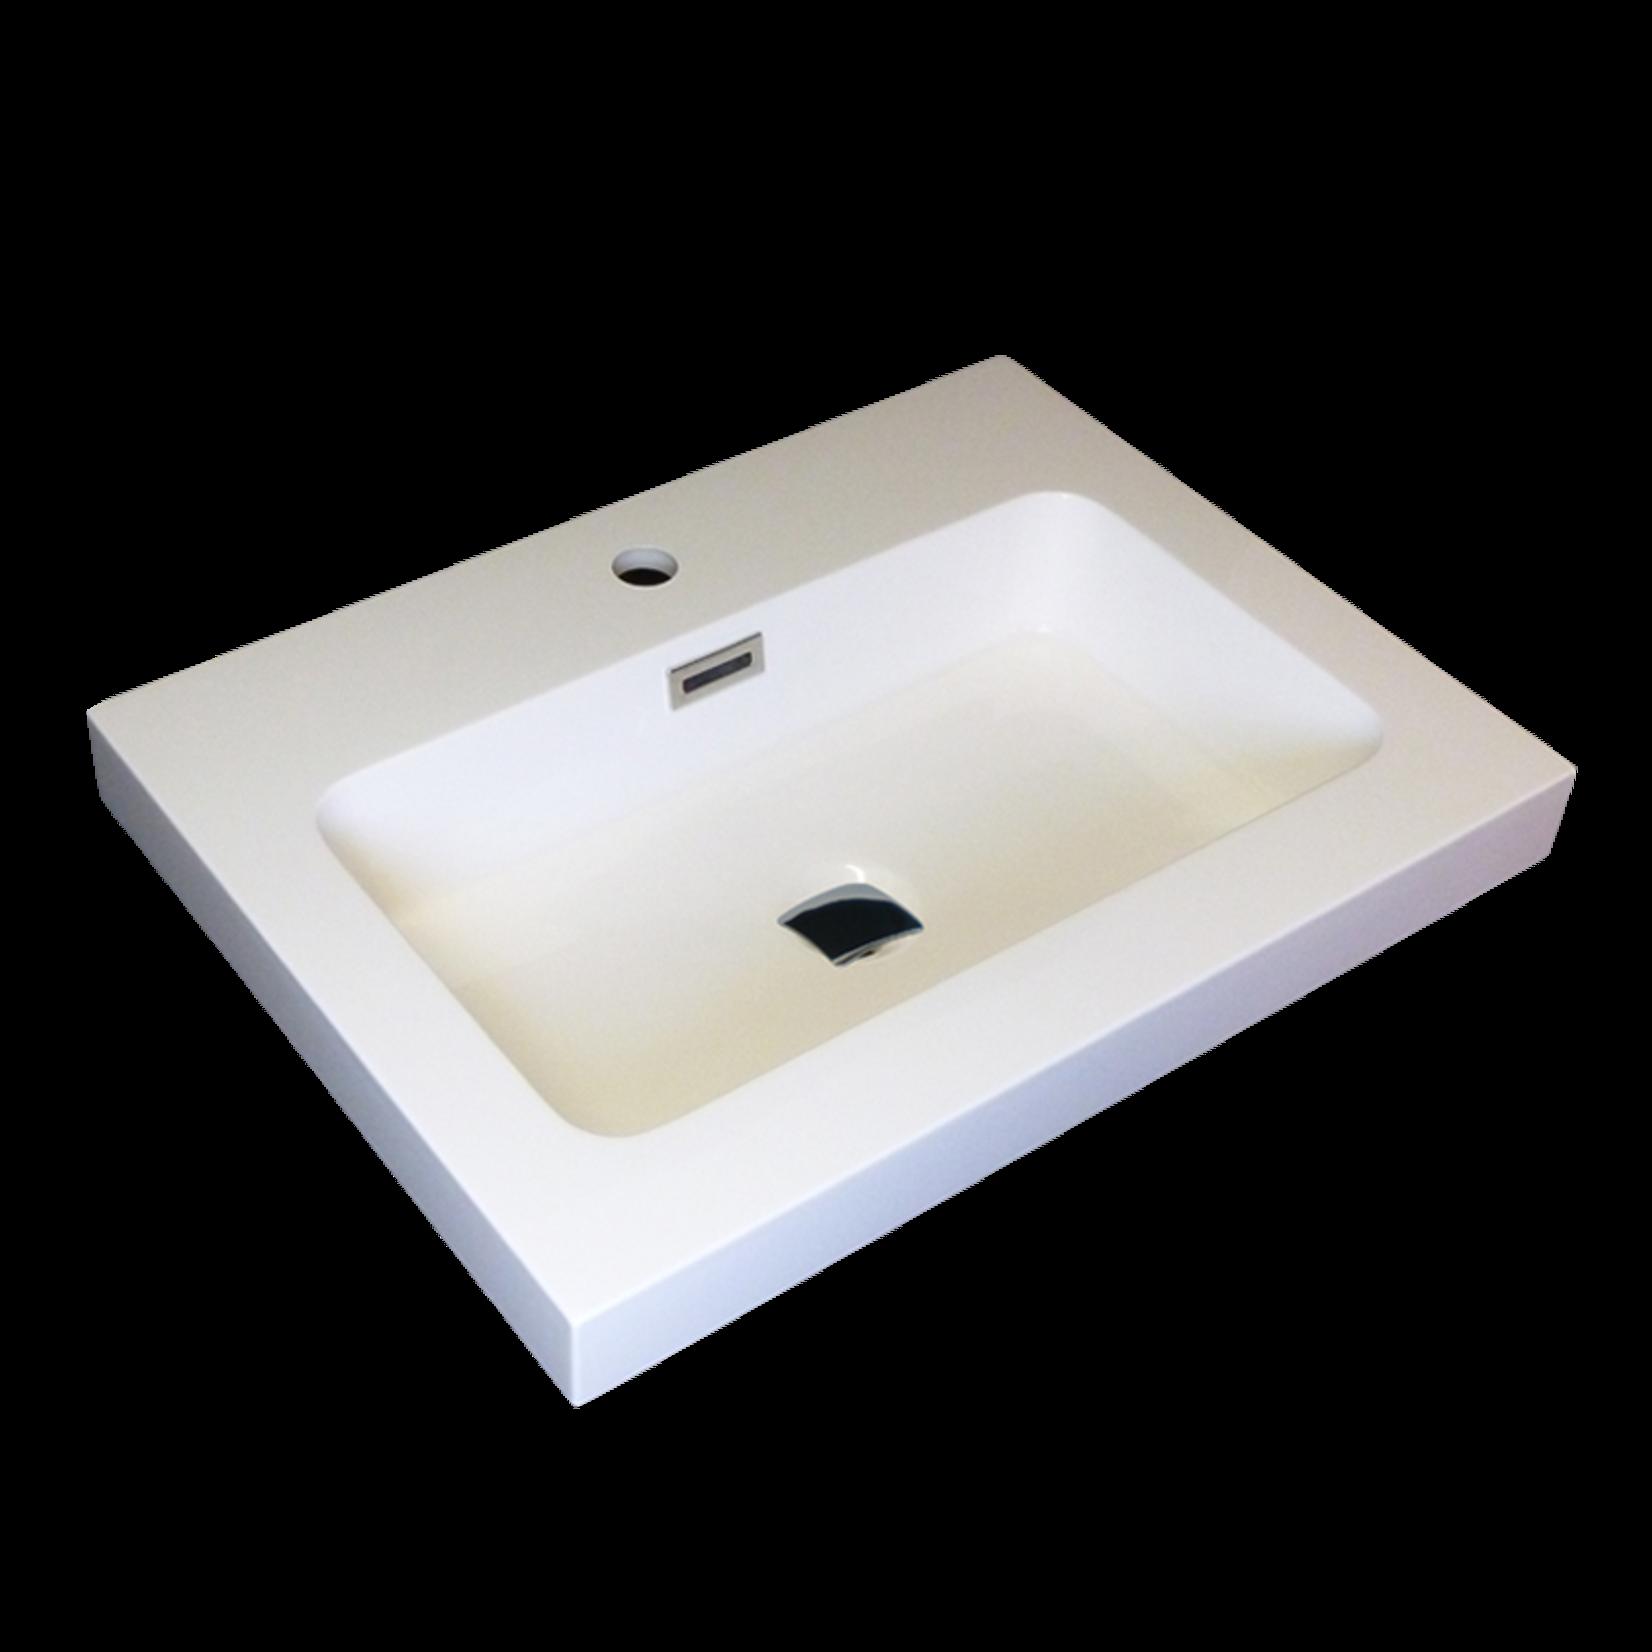 Lavabo semi-encastré en porcelaine Luho GP-R065